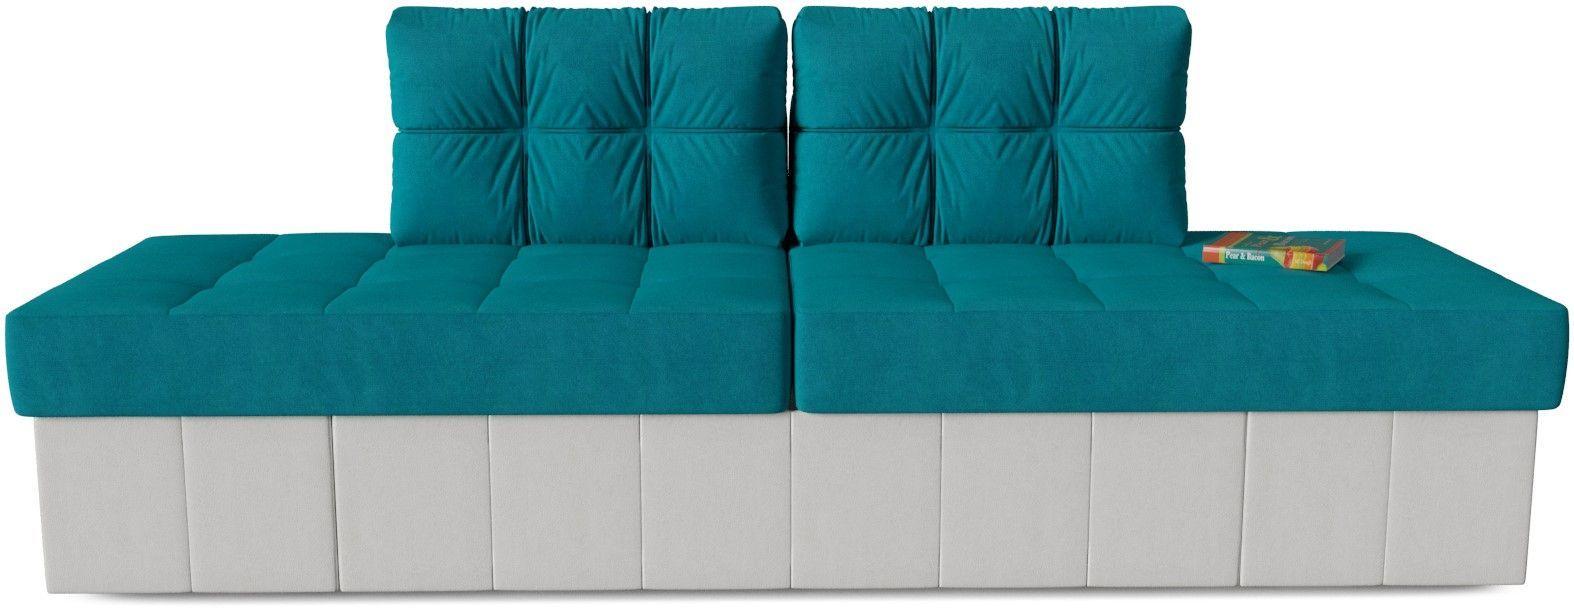 купить детский диван-кровать в краснодаре